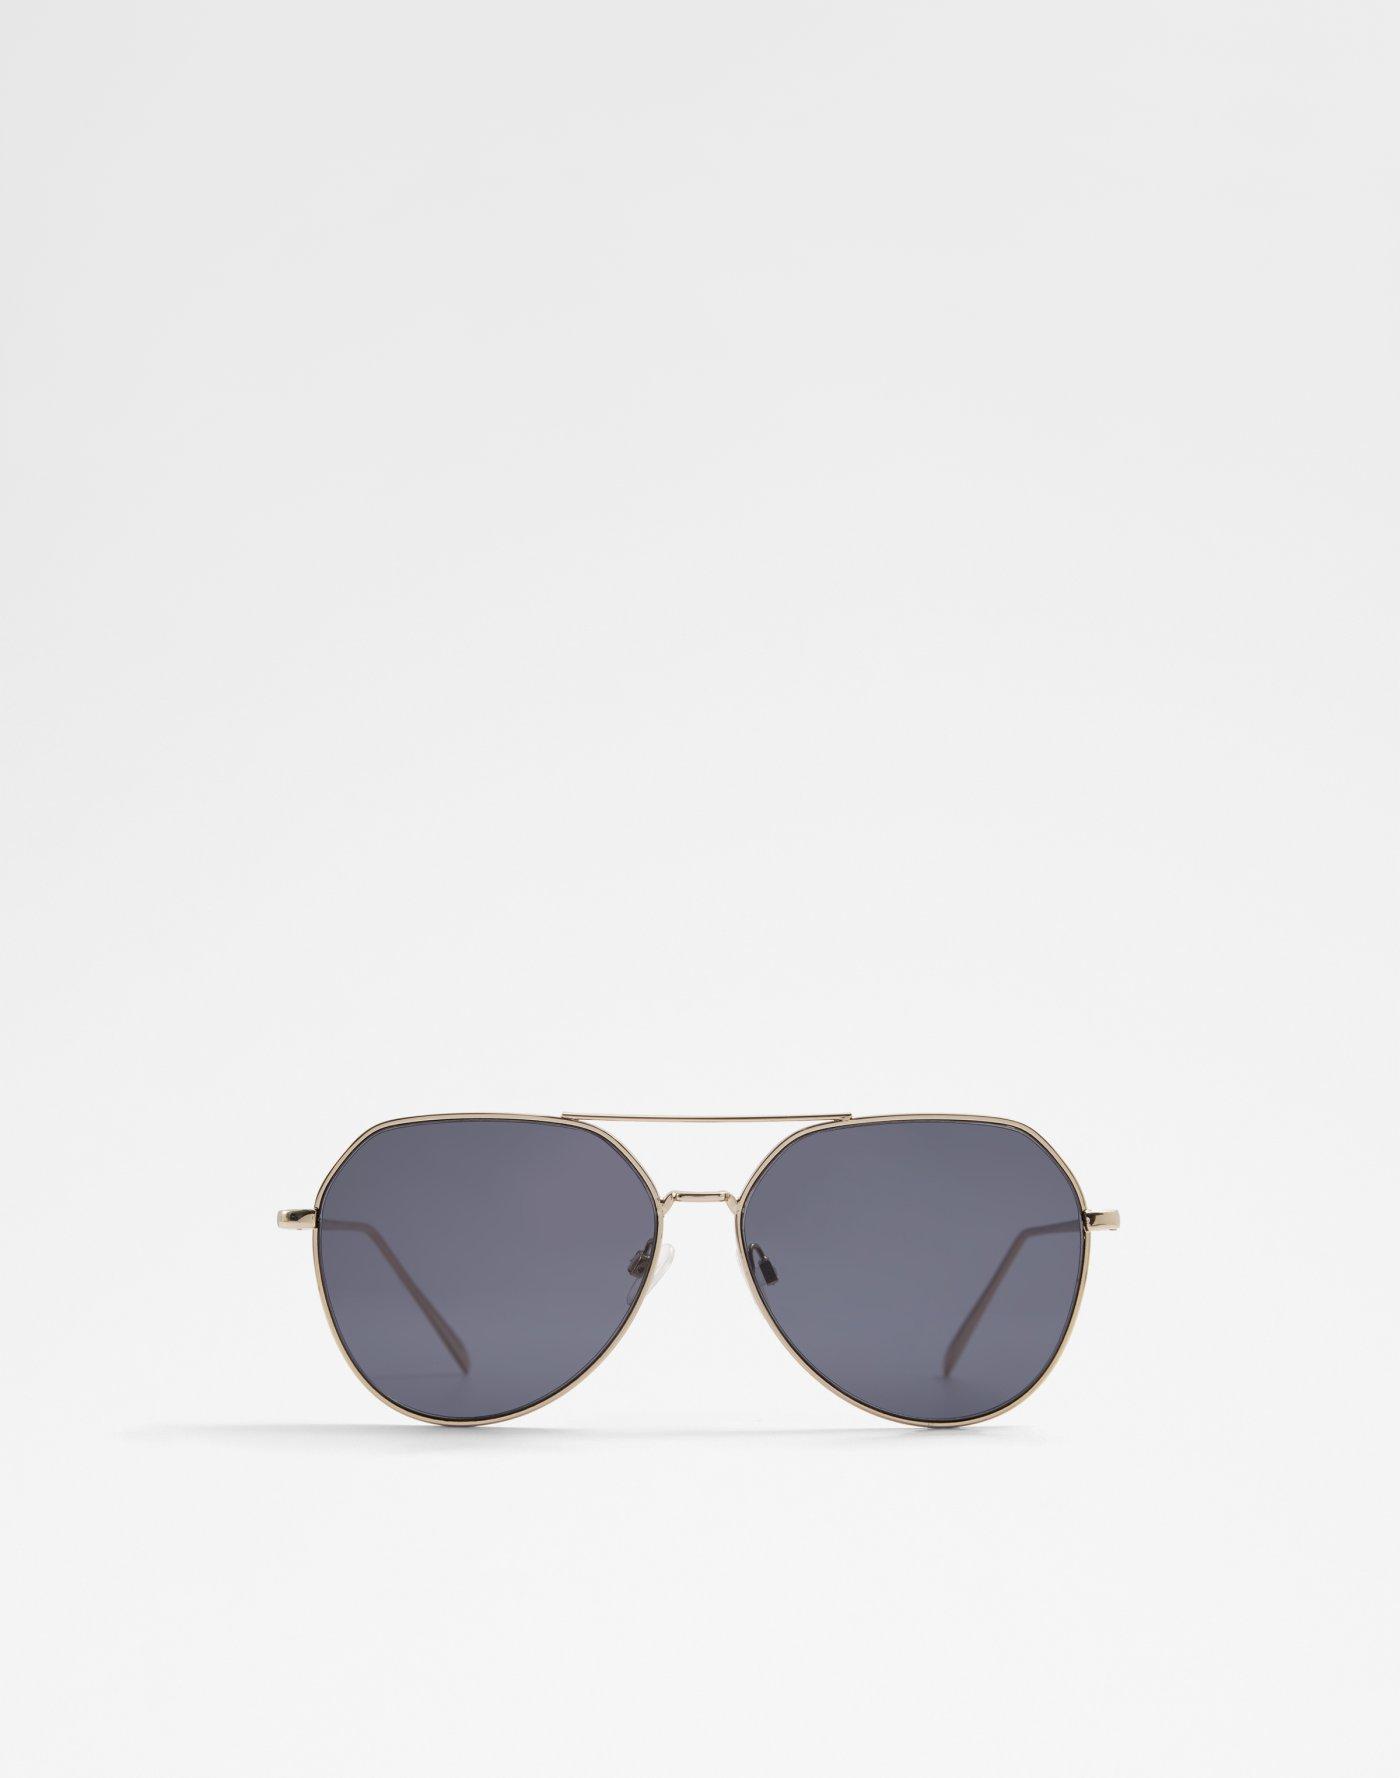 69c06b227390 Sunglasses For Women | ALDO Canada | ALDO Canada